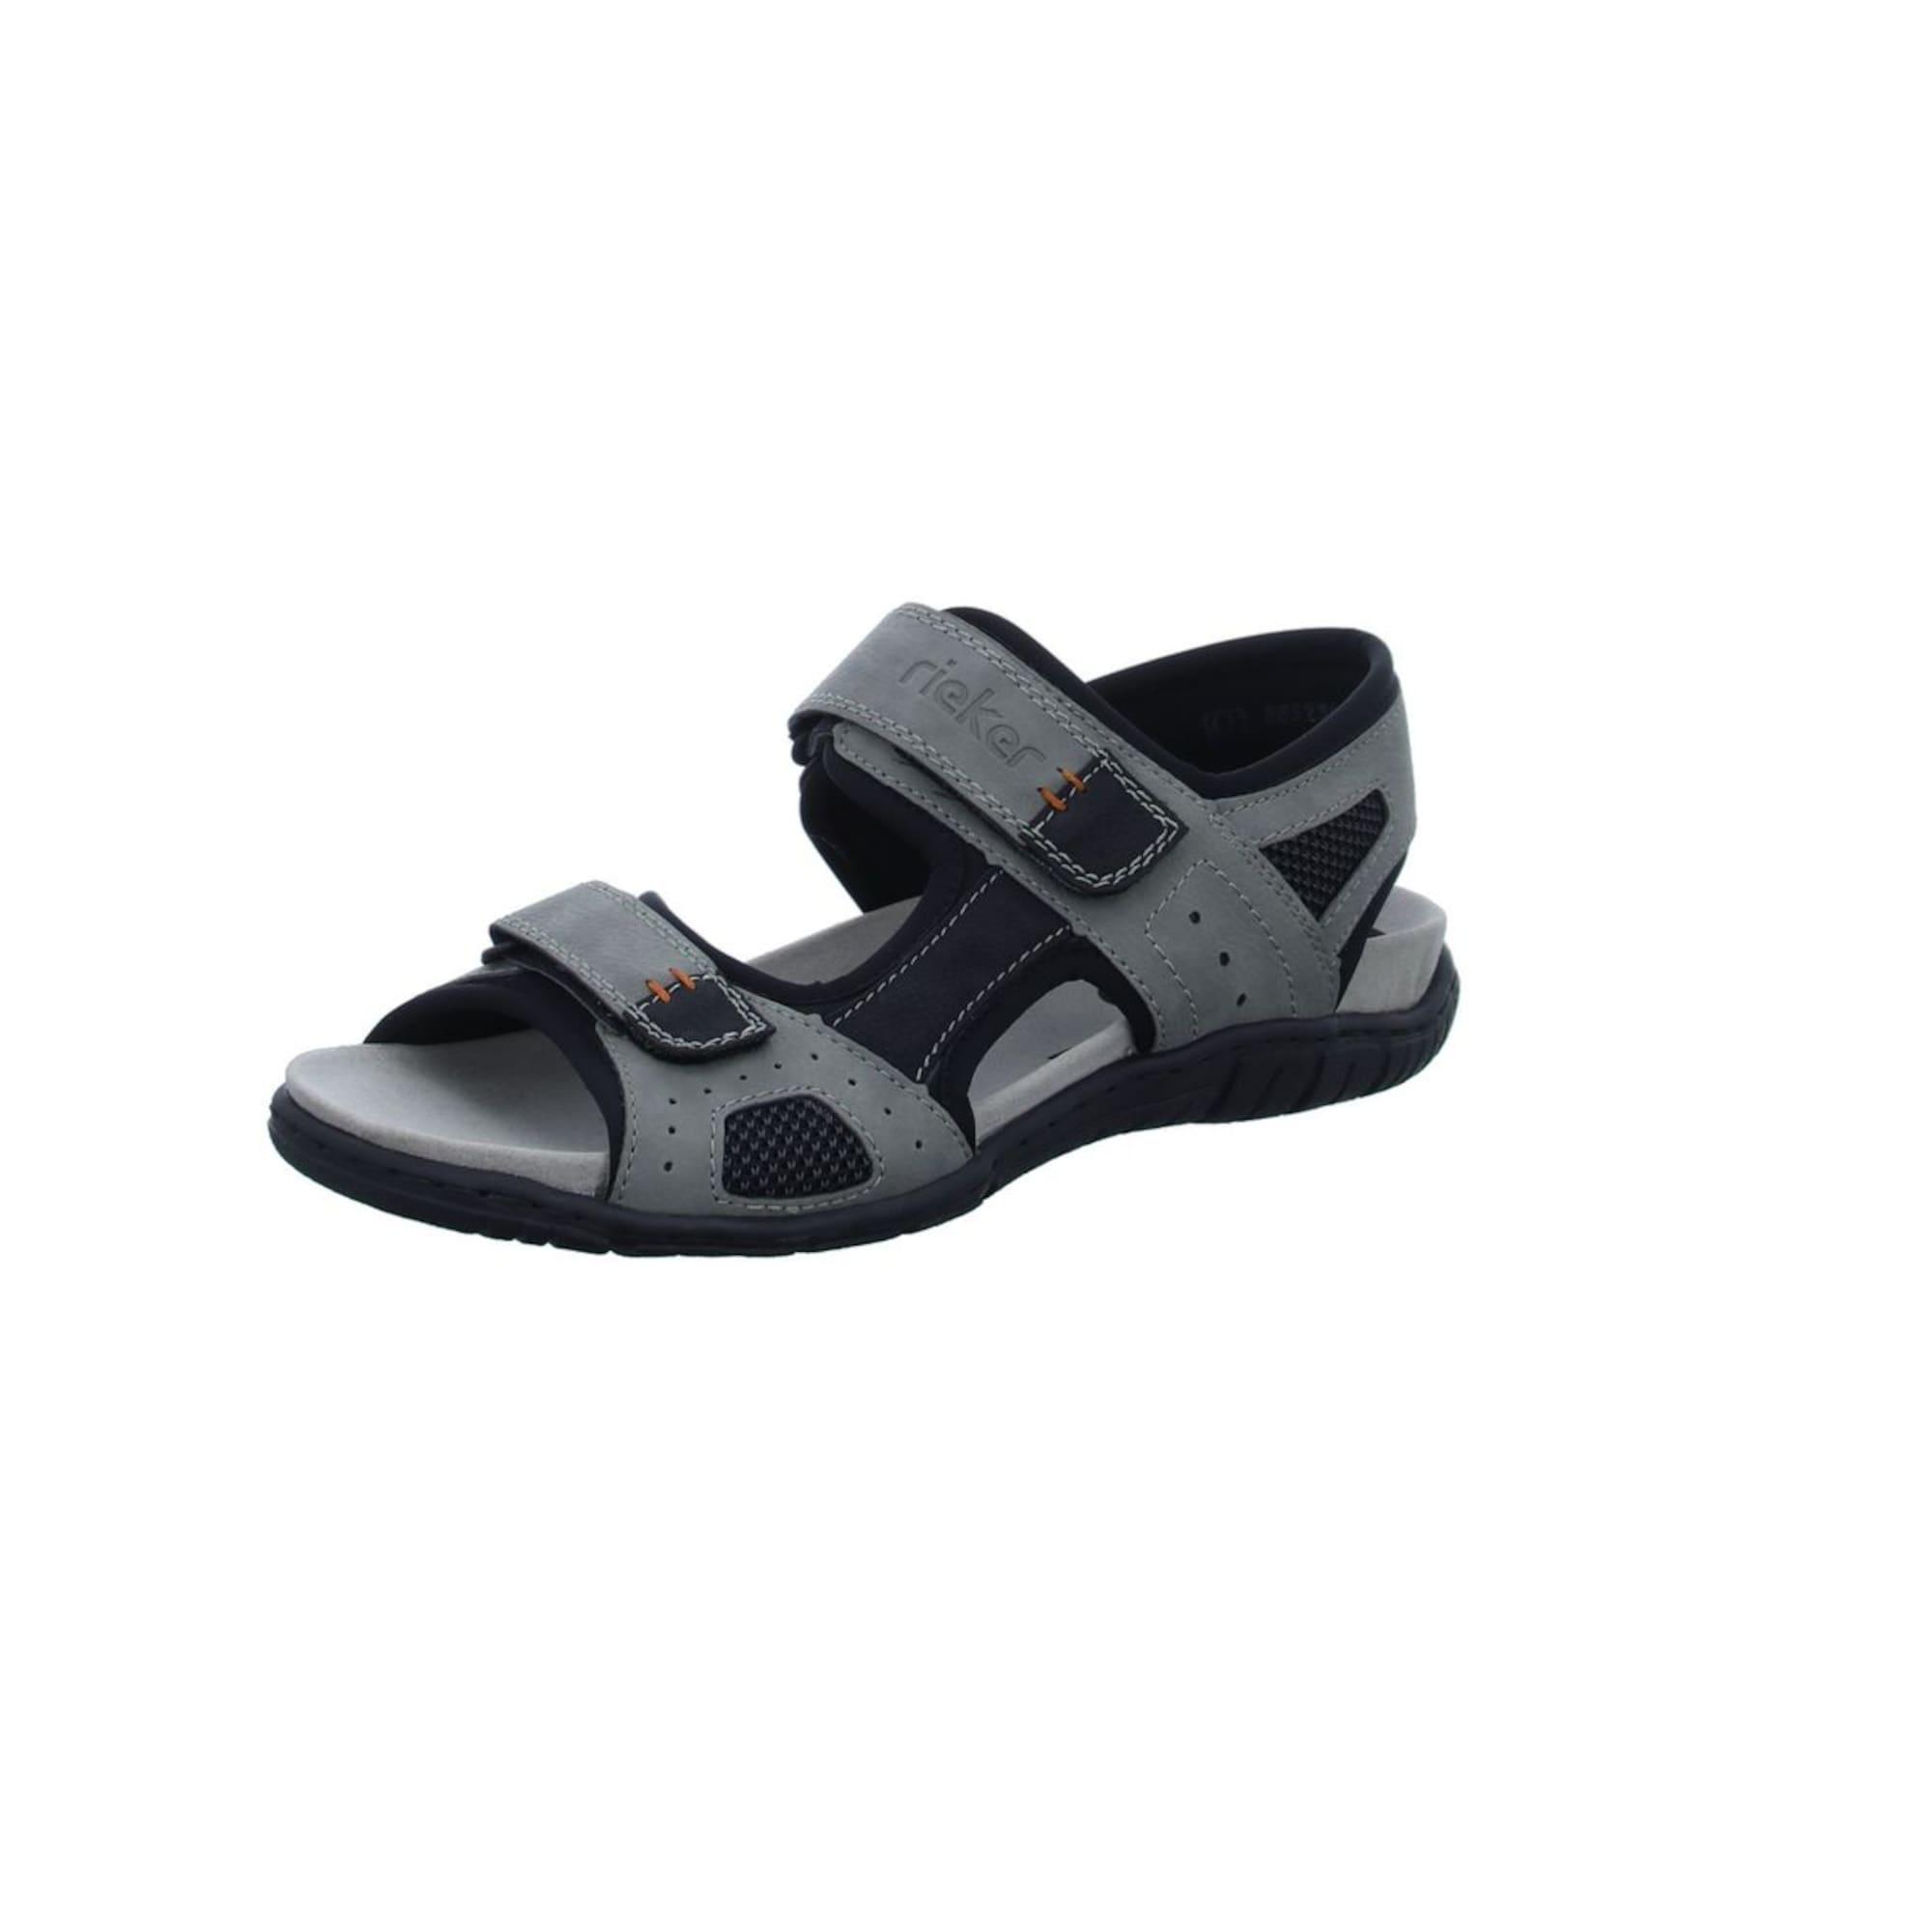 Sandalen   Schuhe > Sandalen & Zehentrenner   Rieker